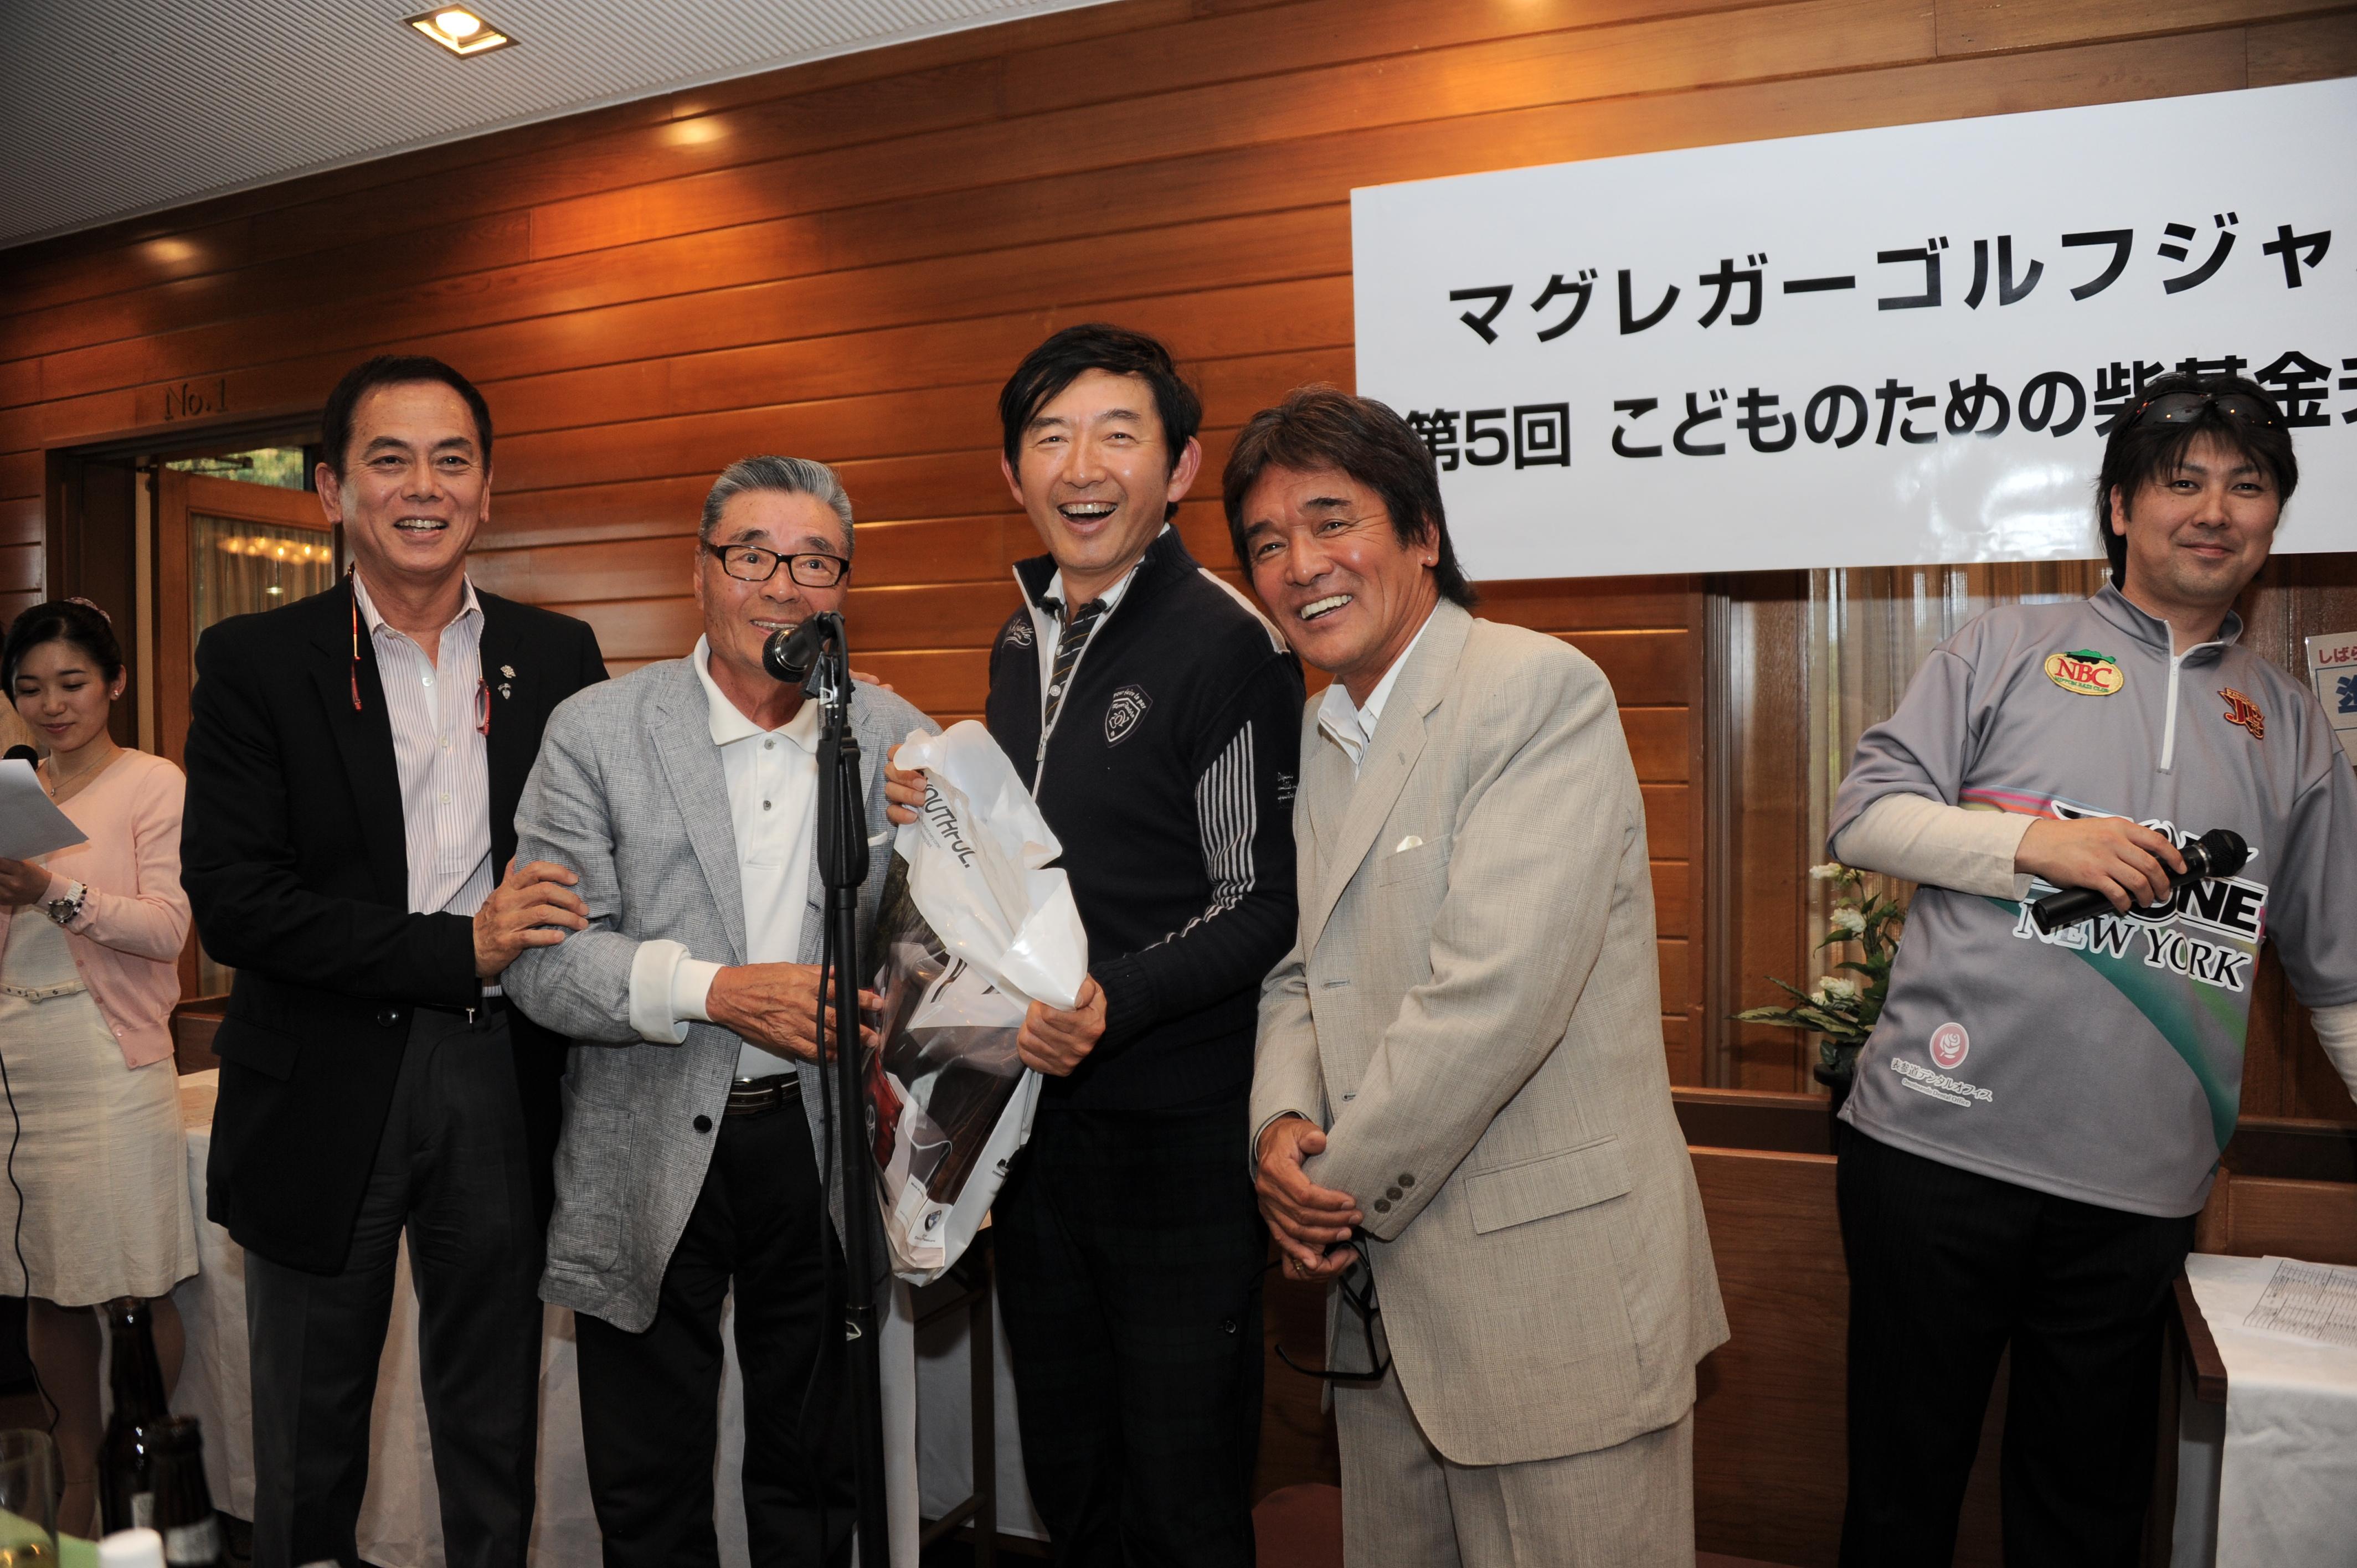 第5回チャリティーゴルフコンペ at 泉カントリー倶楽部